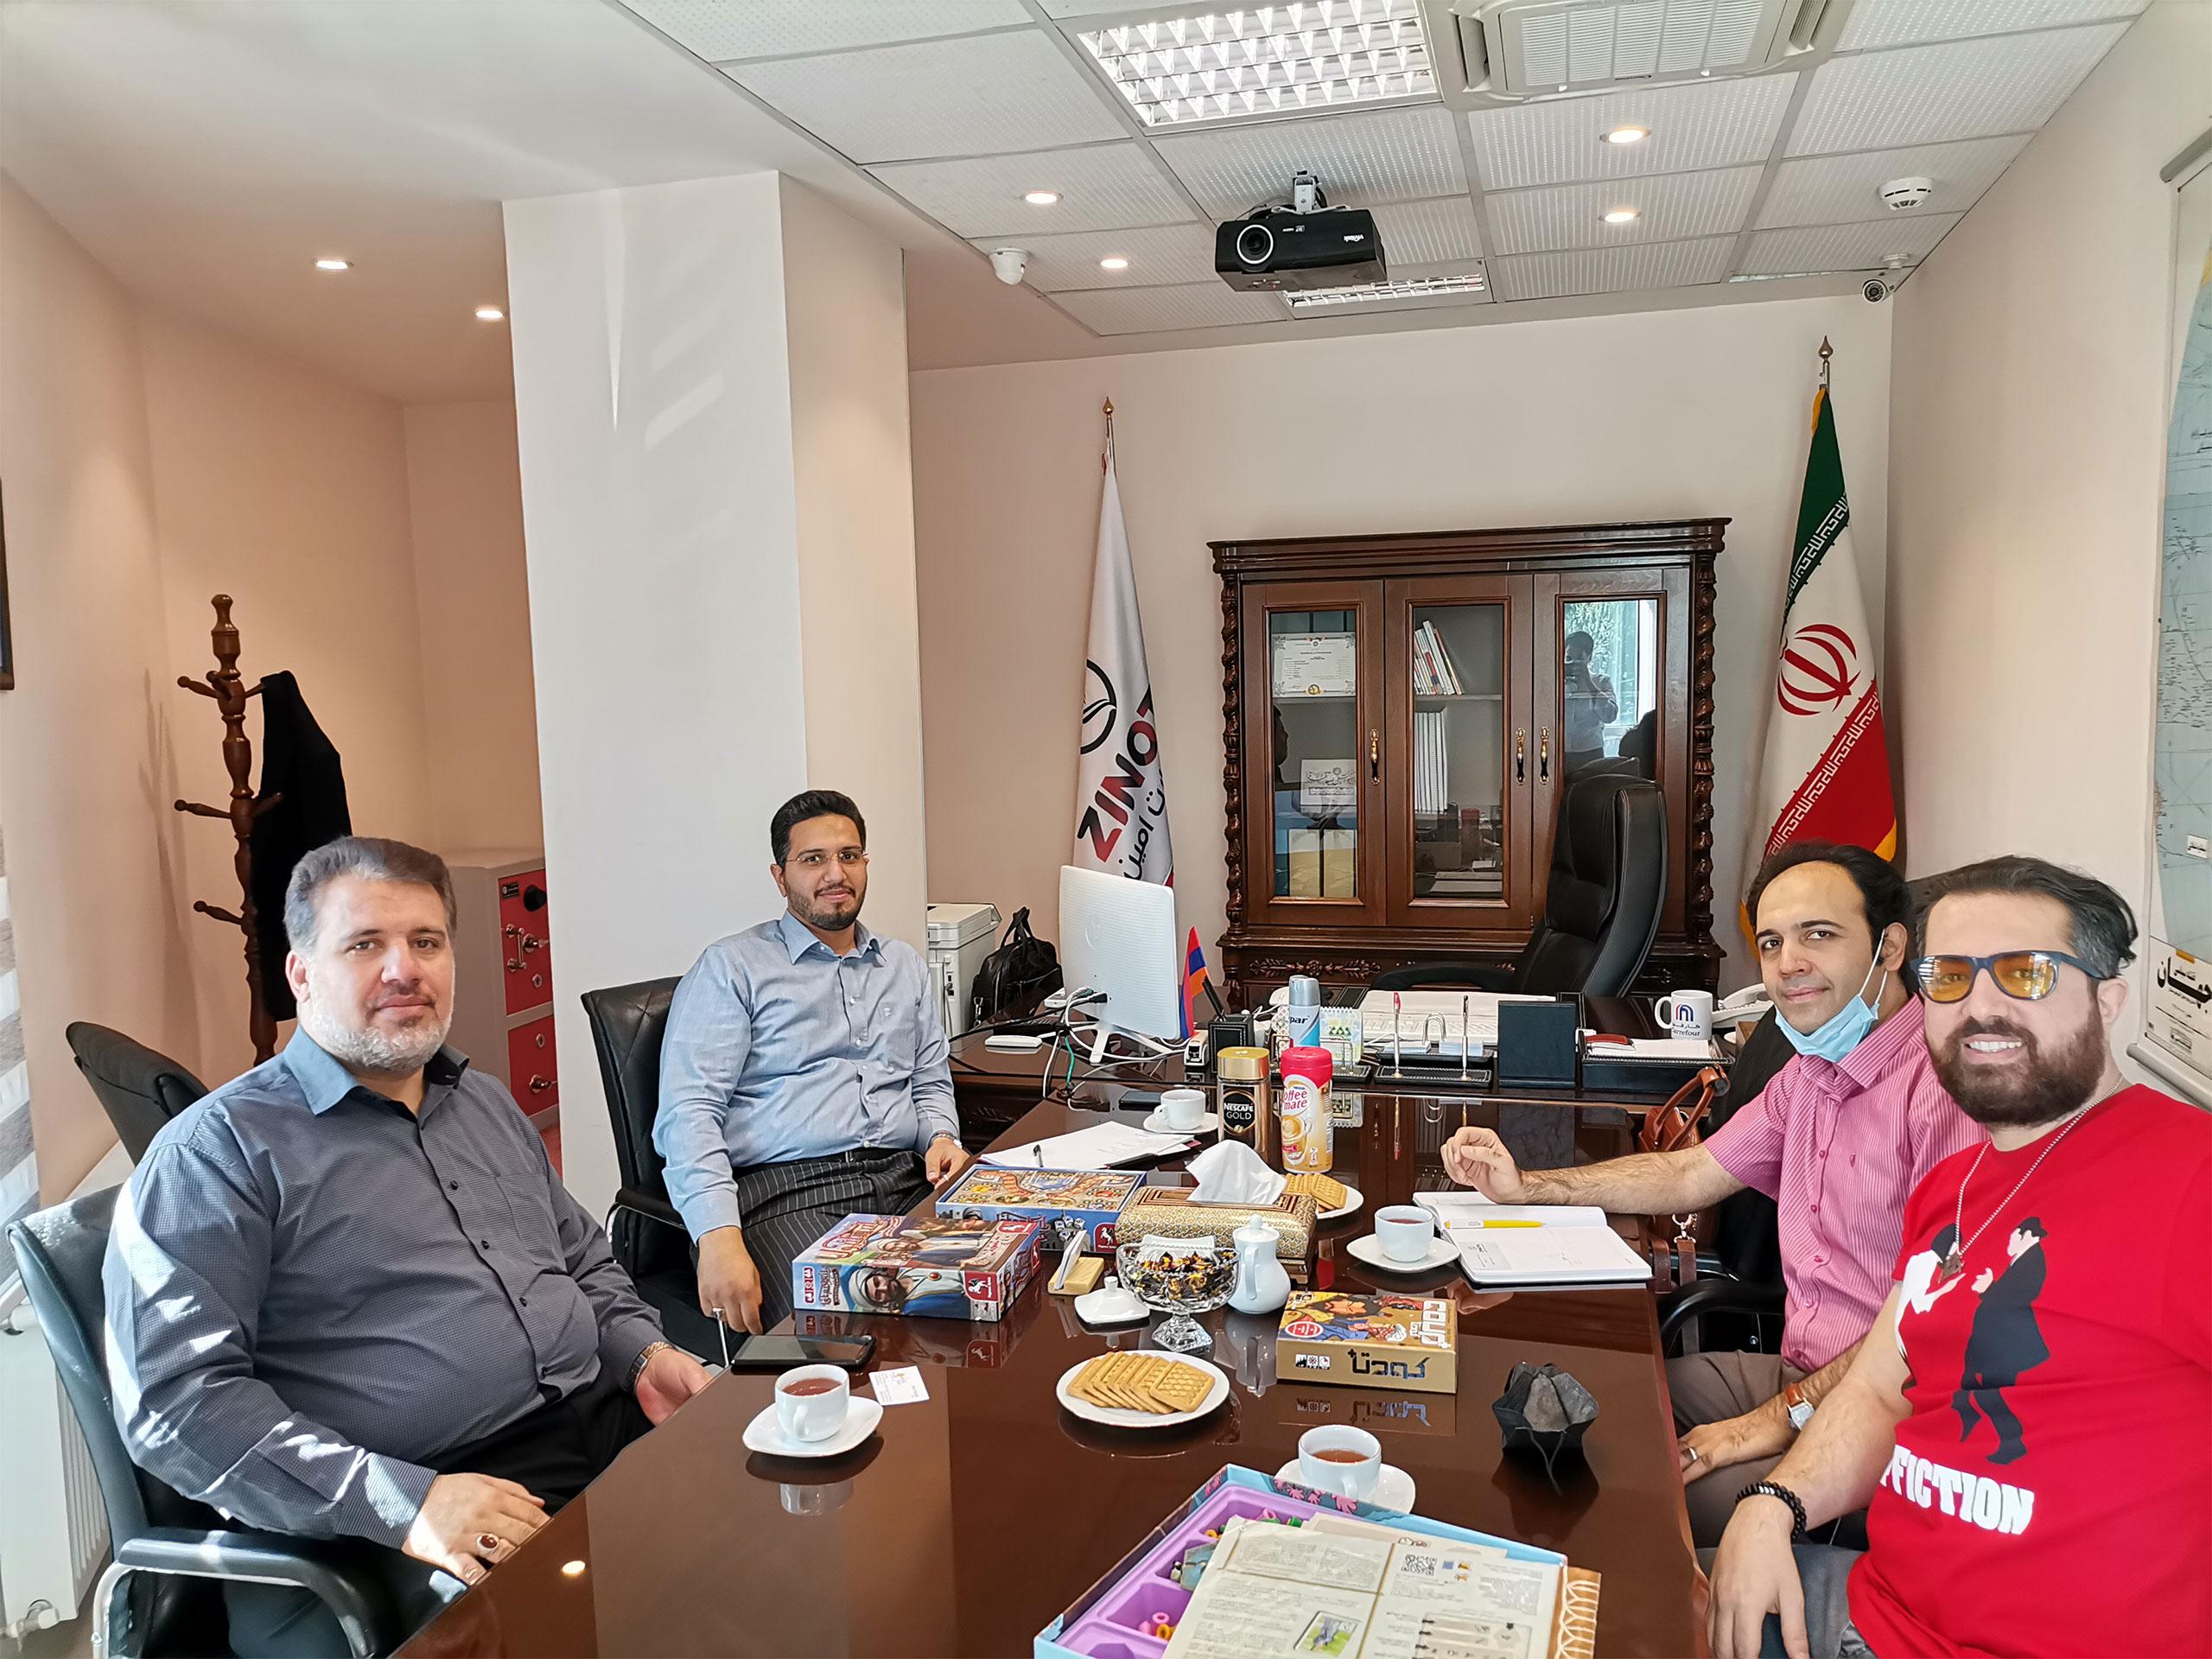 نشست هیئت مدیره زینو تجارت با آقای عادل مقصودپور مدیر عامل مجموعه فکرآوران